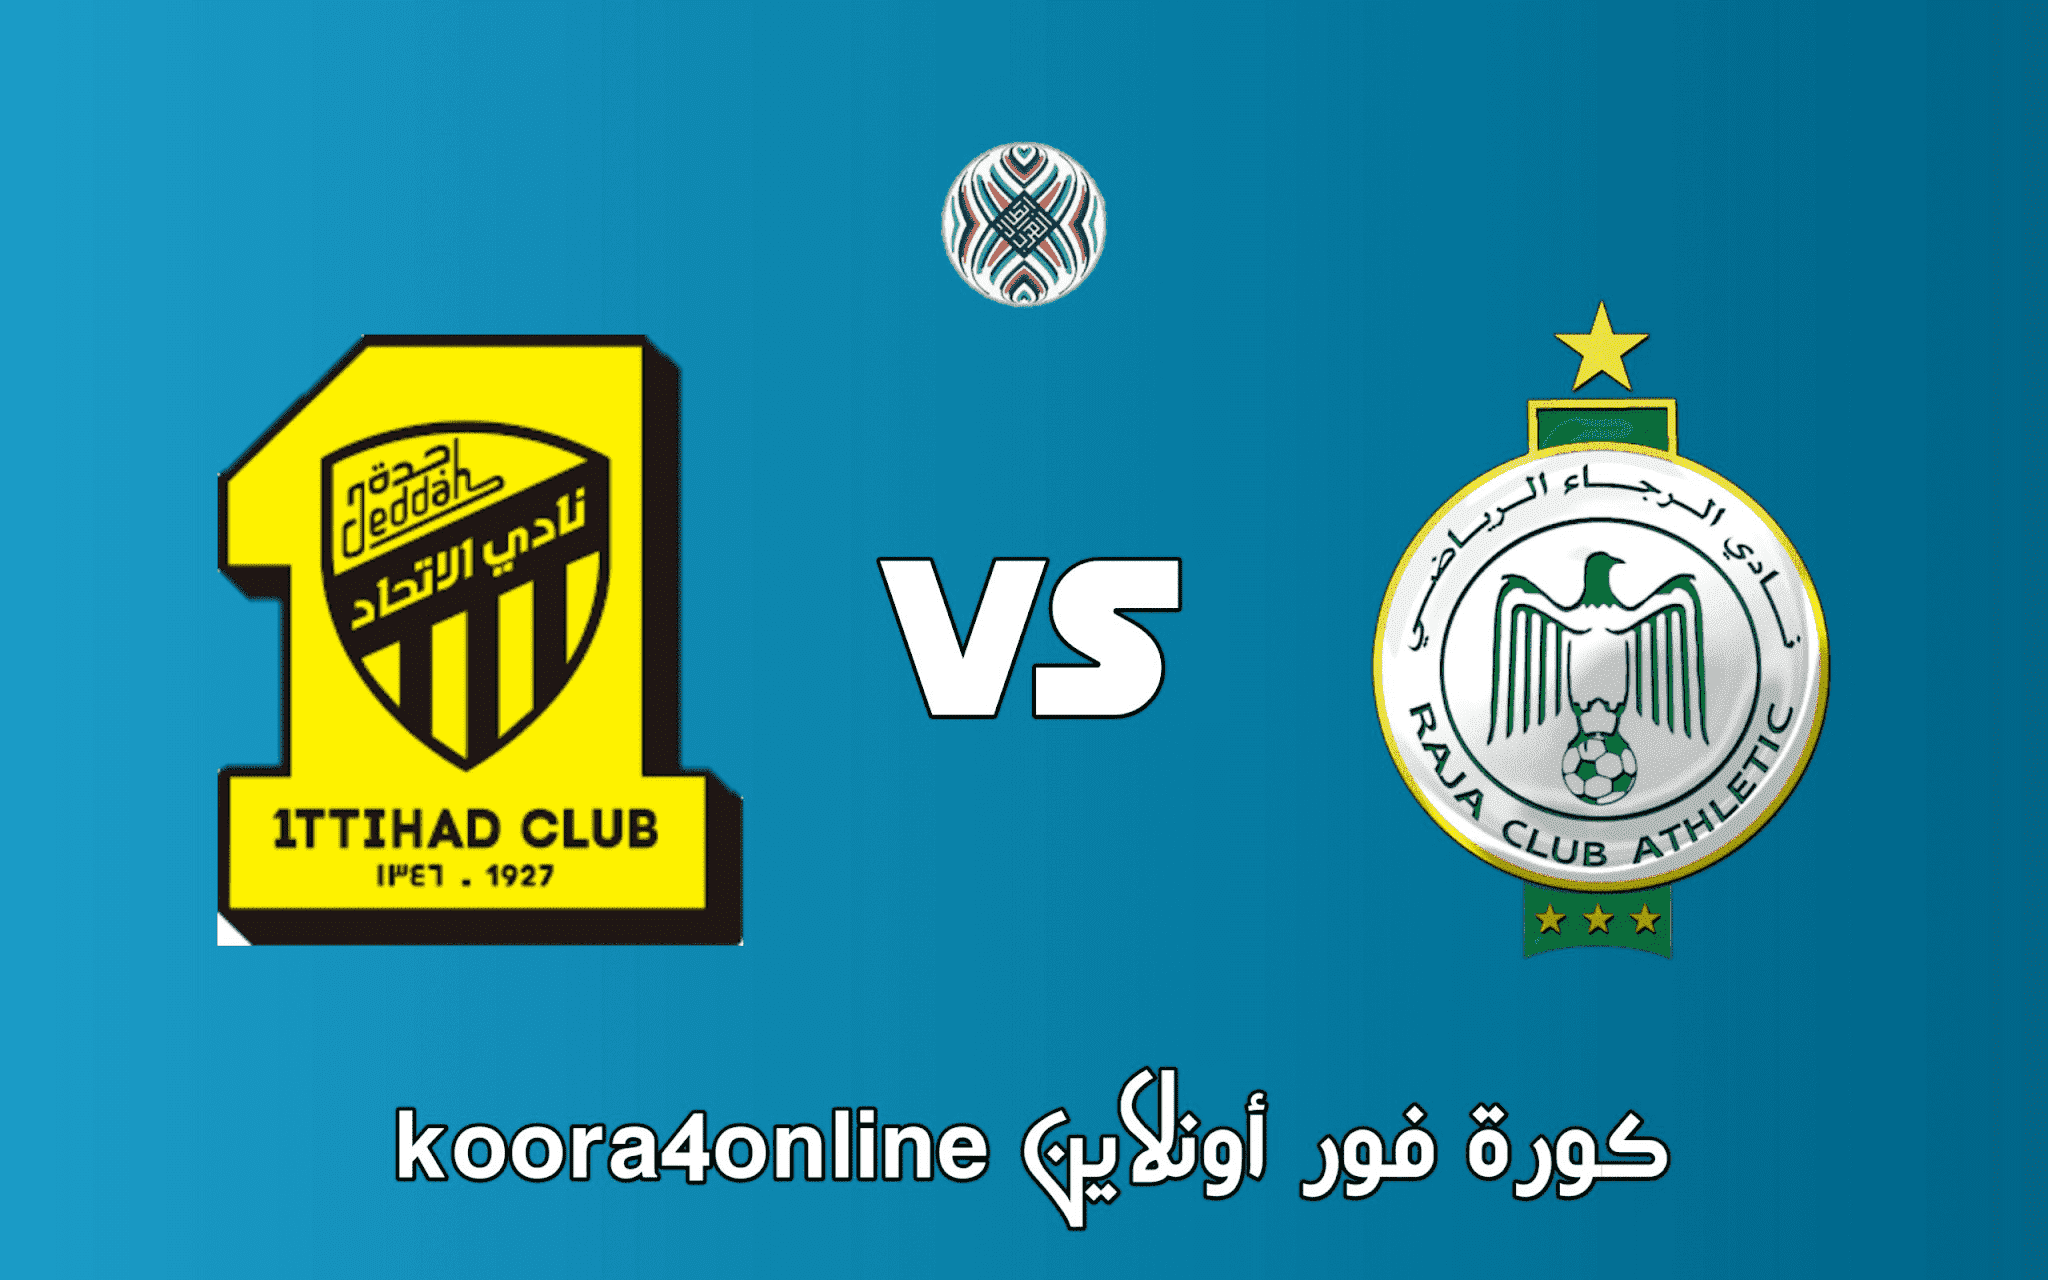 مشاهدة مباراة الإتحاد و الرجاء البيضاوي اليوم 21-08-2021 في نهائي البطولة العربية للأندية